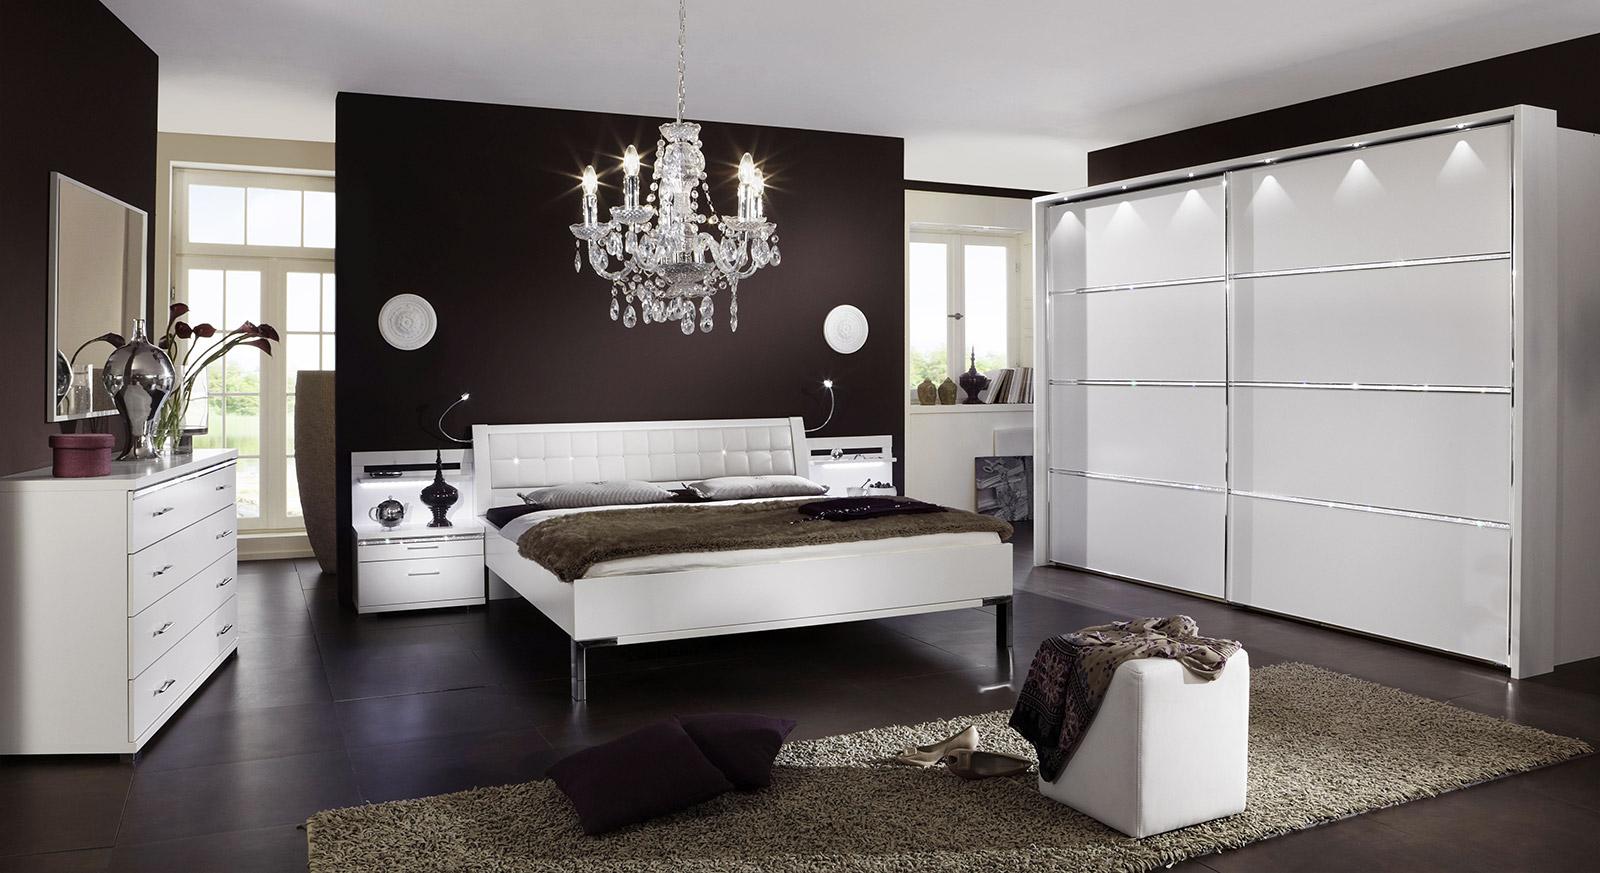 Komplett-Schlafzimmer Weiß Mit Strasssteinen